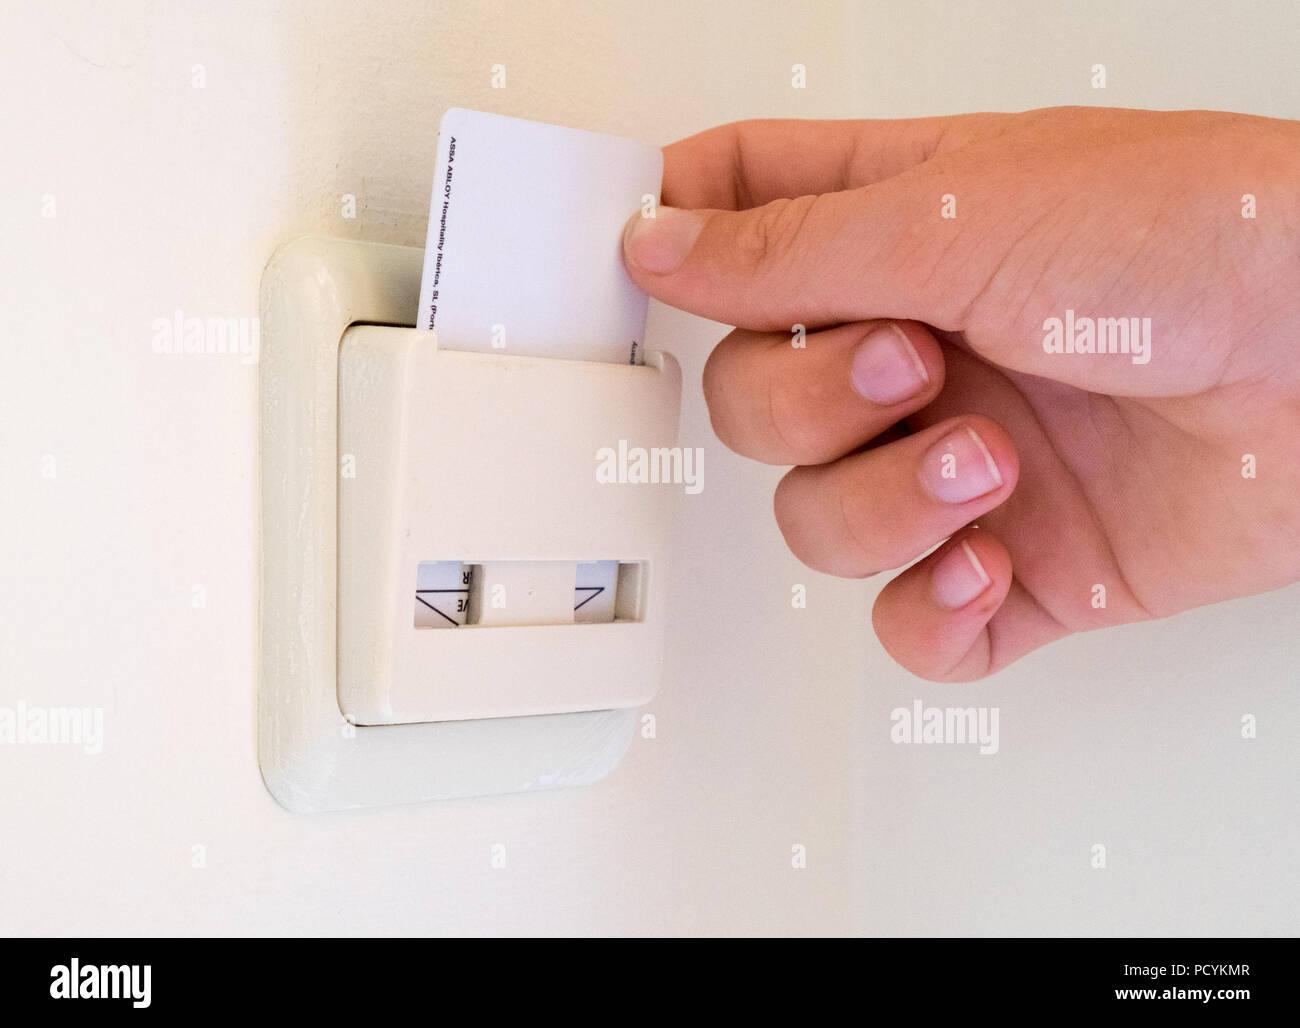 Hotel Key Card in ein Zimmer, Schalter, um das Gerät einzuschalten Stockbild